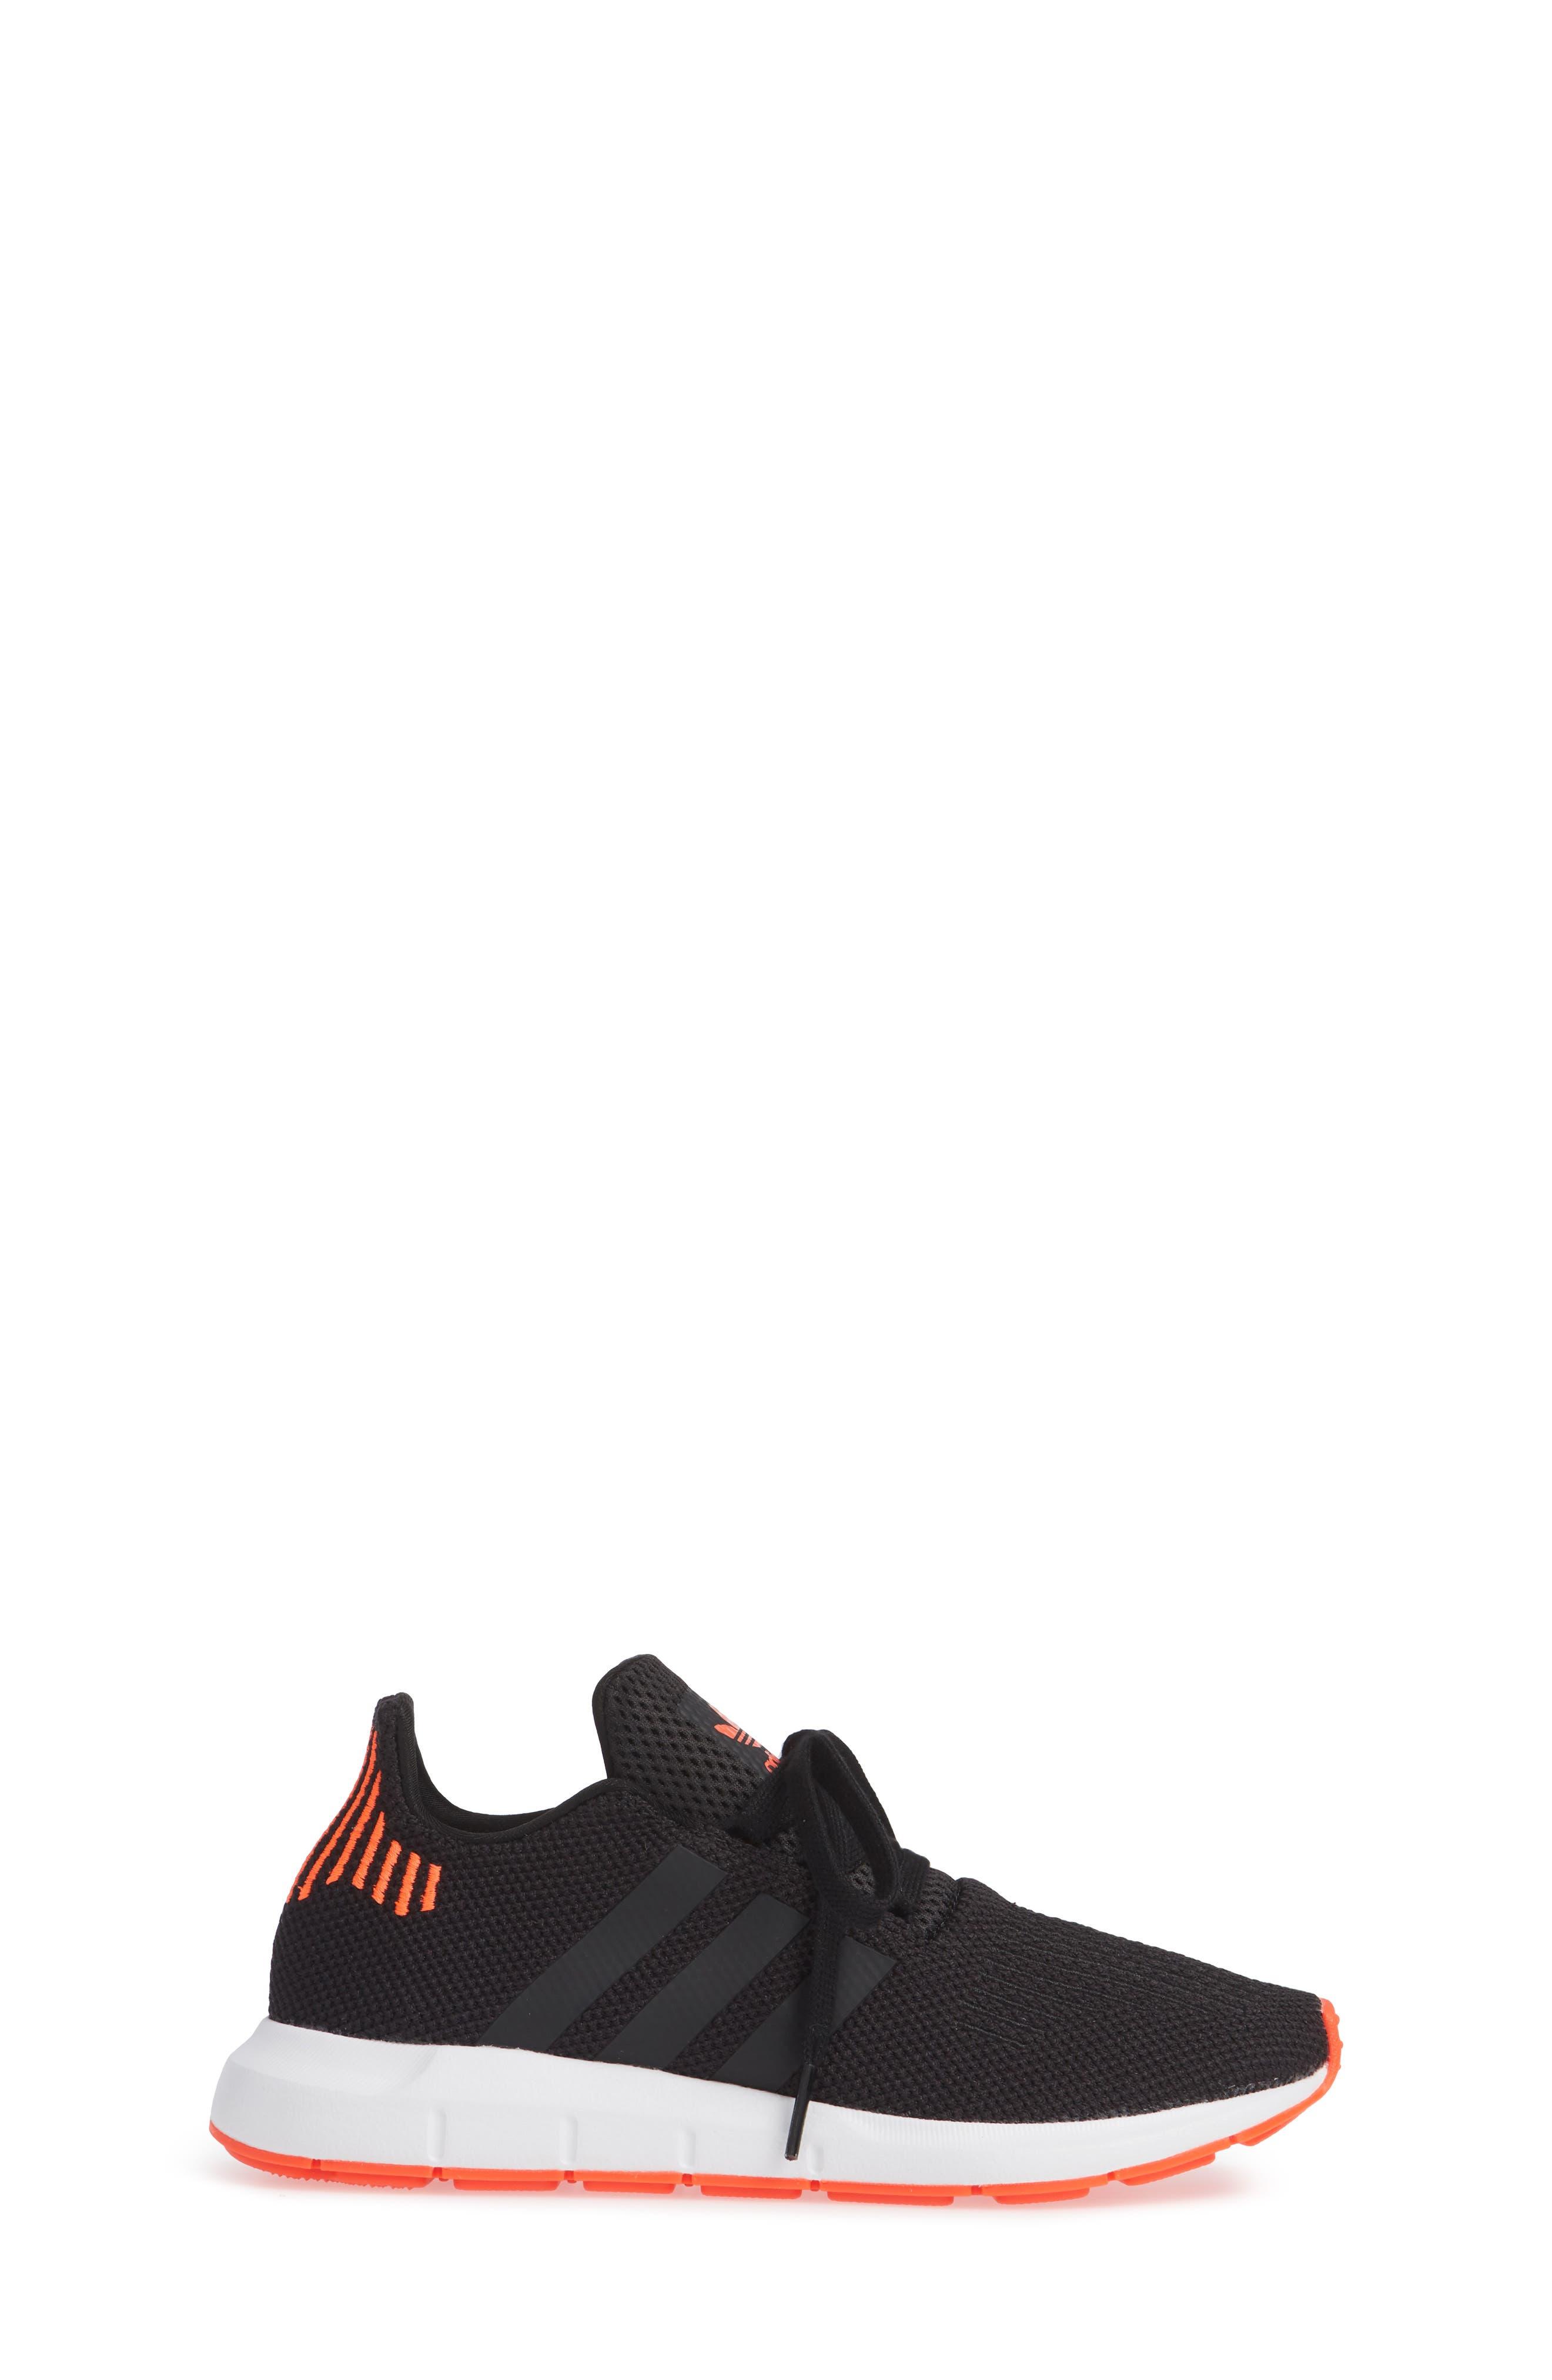 Swift Run J Sneaker,                             Alternate thumbnail 3, color,                             BLACK/ BLACK/ SOLAR RED